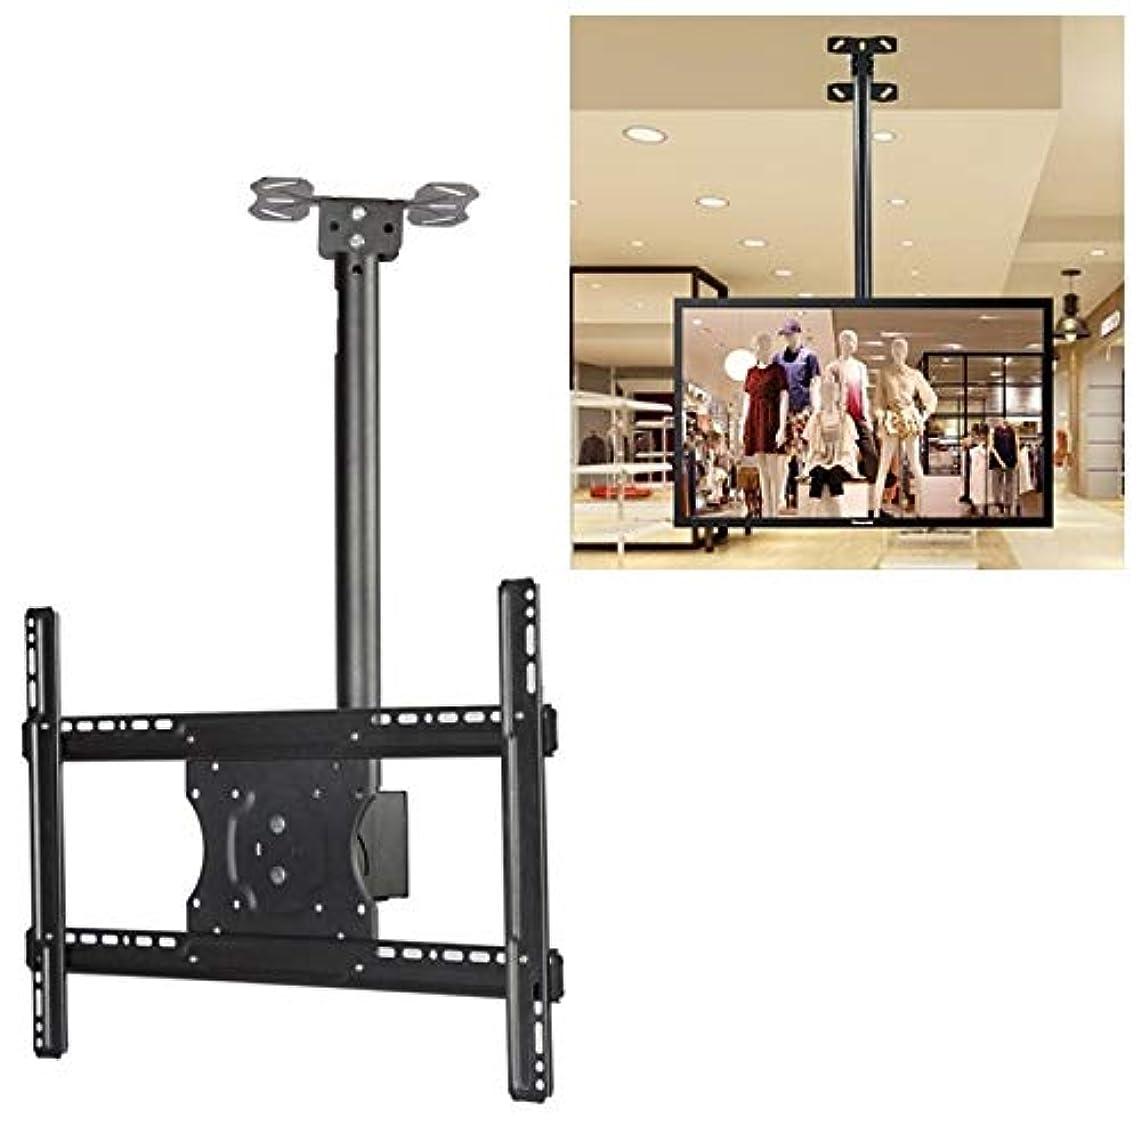 耐久しっかりキャンドルSHX ACD 32から65インチユニバーサル高さ&角度調節可能なシングルスクリーンテレビ壁掛け天井デュアル使用ブラケット、リトラクタブル範囲:0.5?1メートル